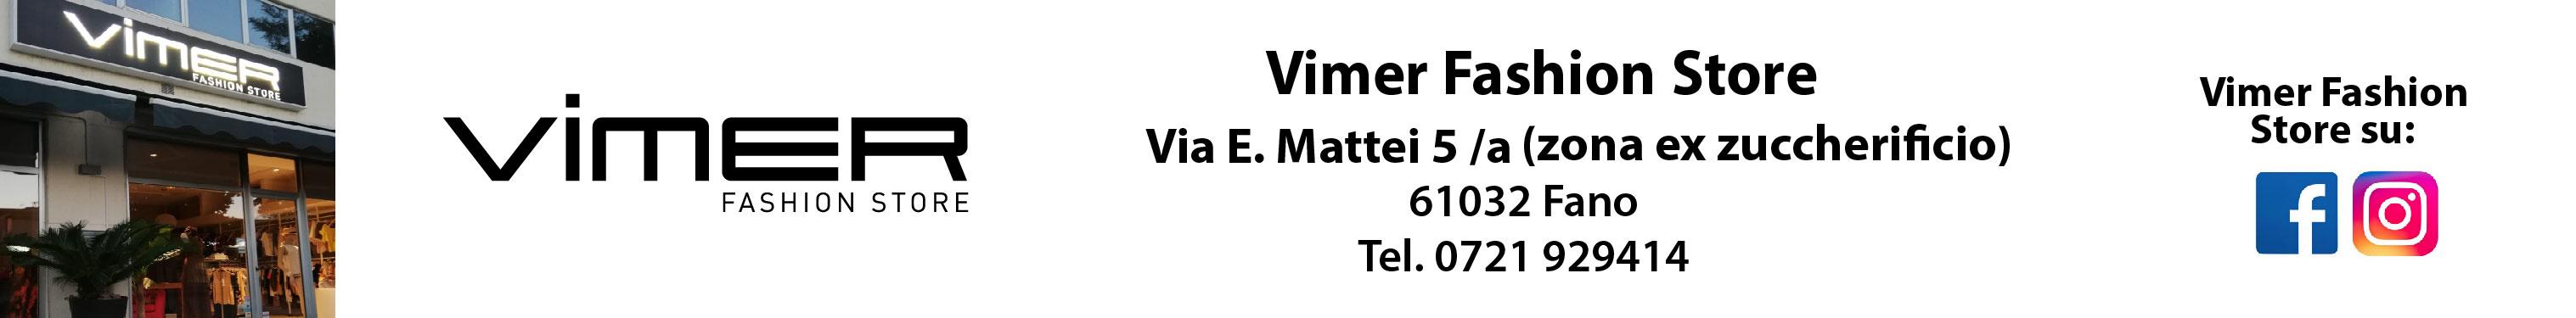 Vimer